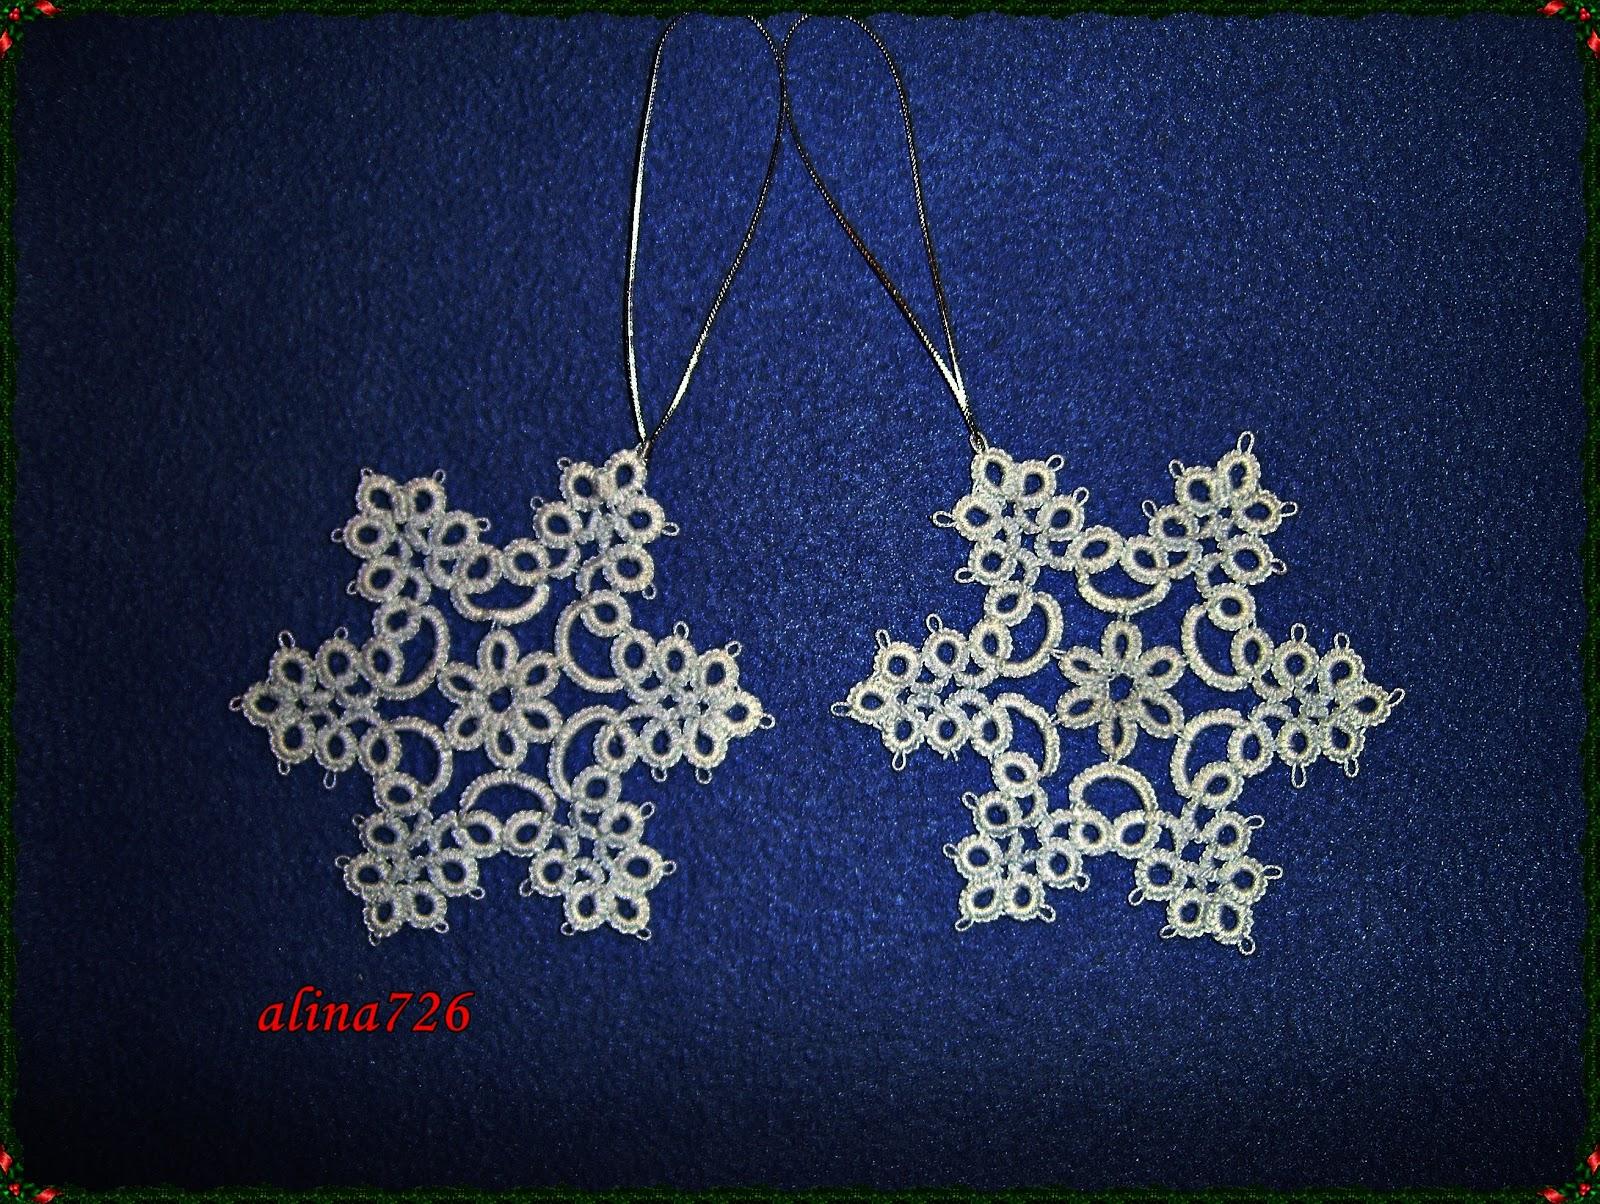 chomikuj Mania  origami śnieżynki, Gwiazdki, kusudama tworzenia: frywolitka